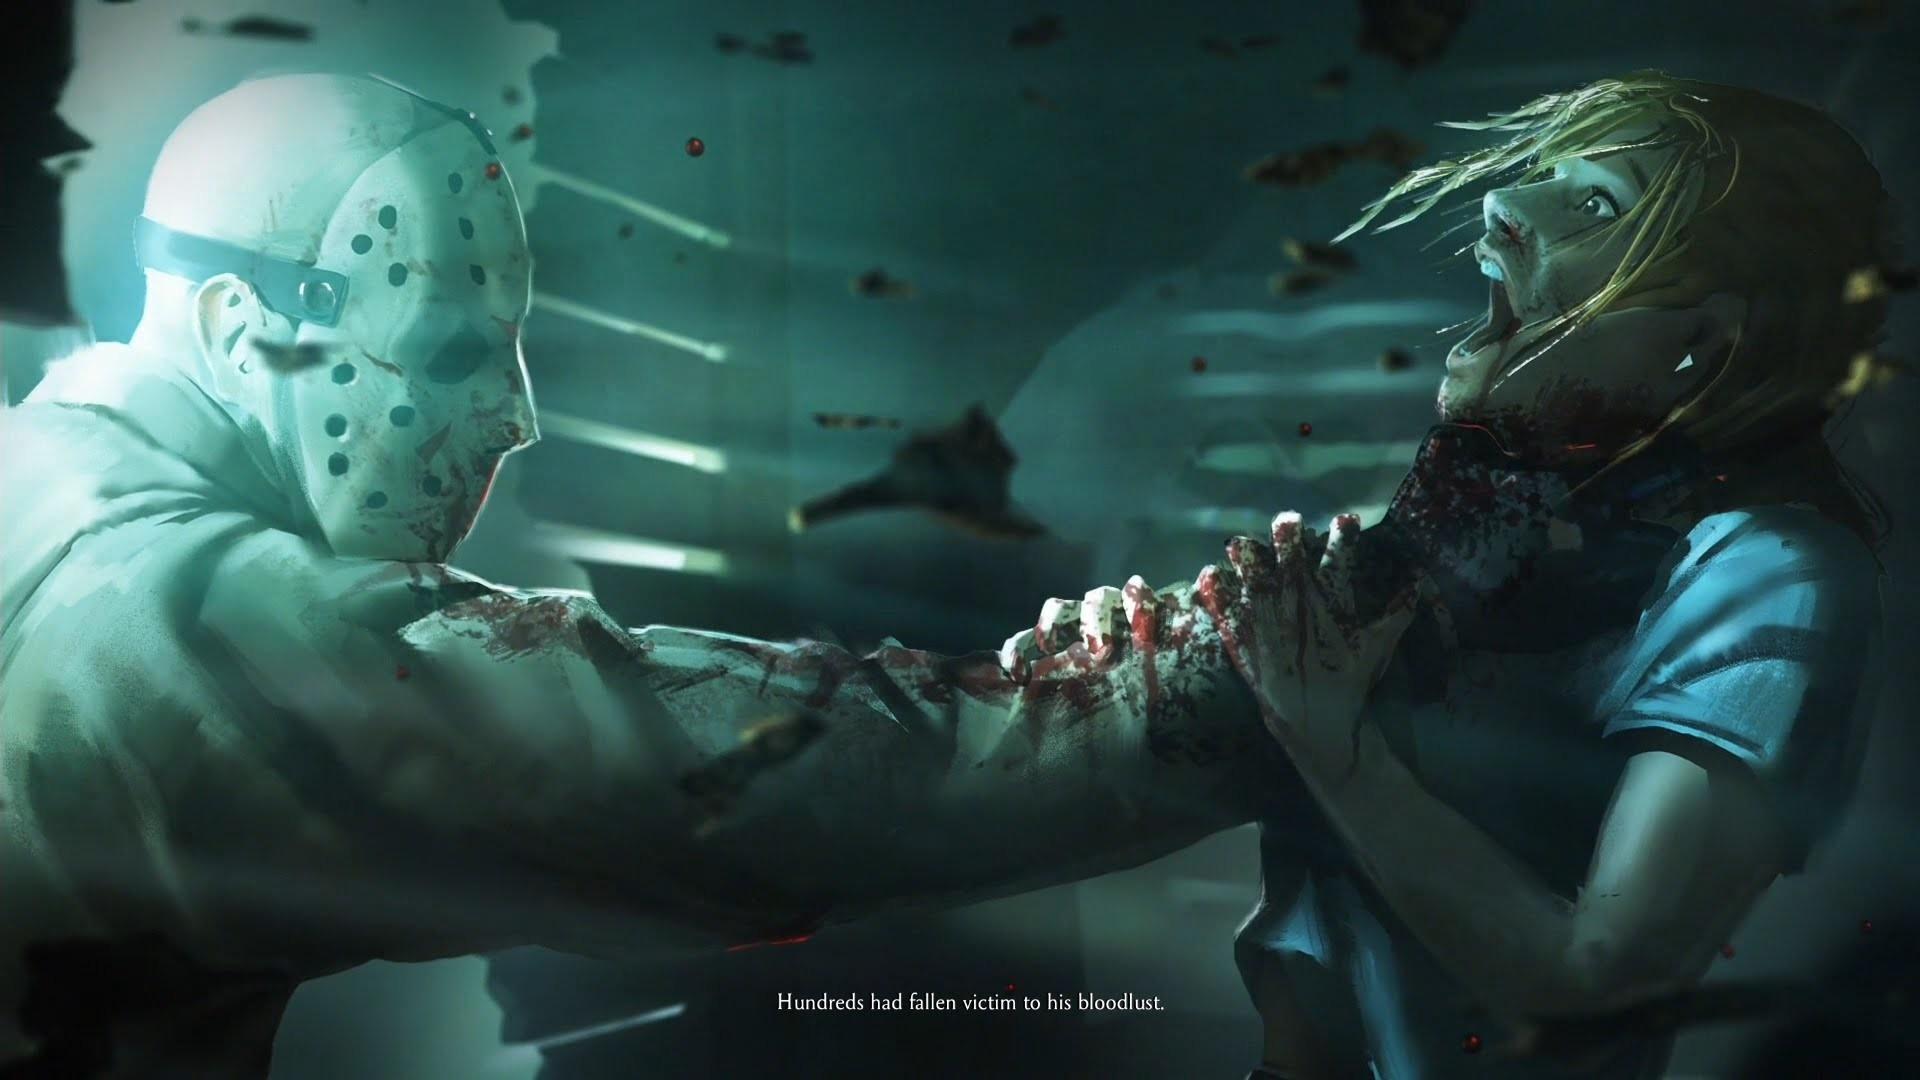 Mortal Kombat X – Jason Voorhees All Fatalities, Brutalities And Ending  Cutscene (1080p 60fps)